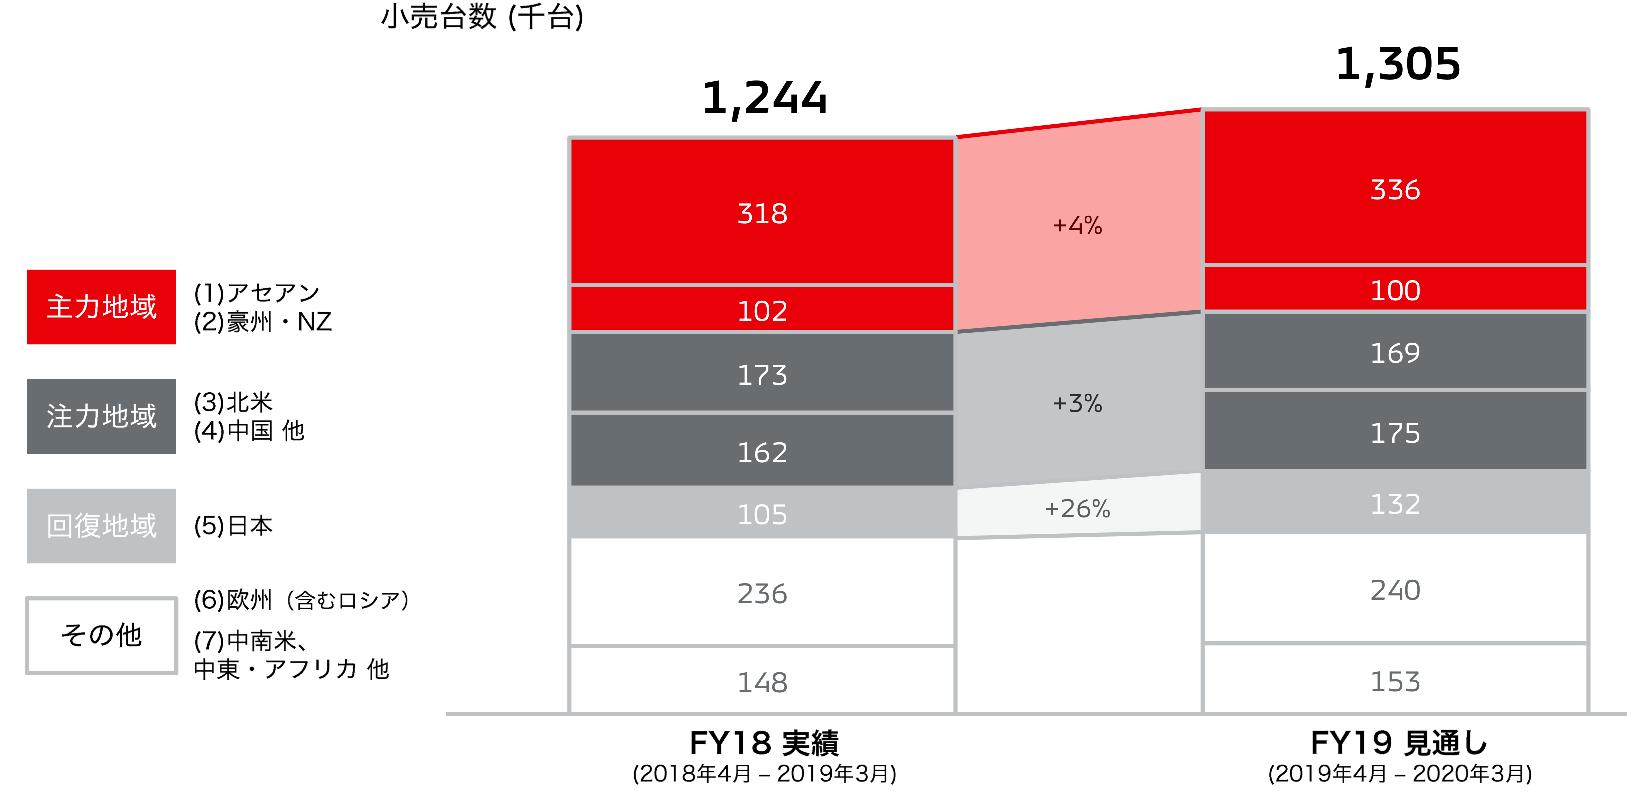 三菱自動車の今期の販売台数の見通し